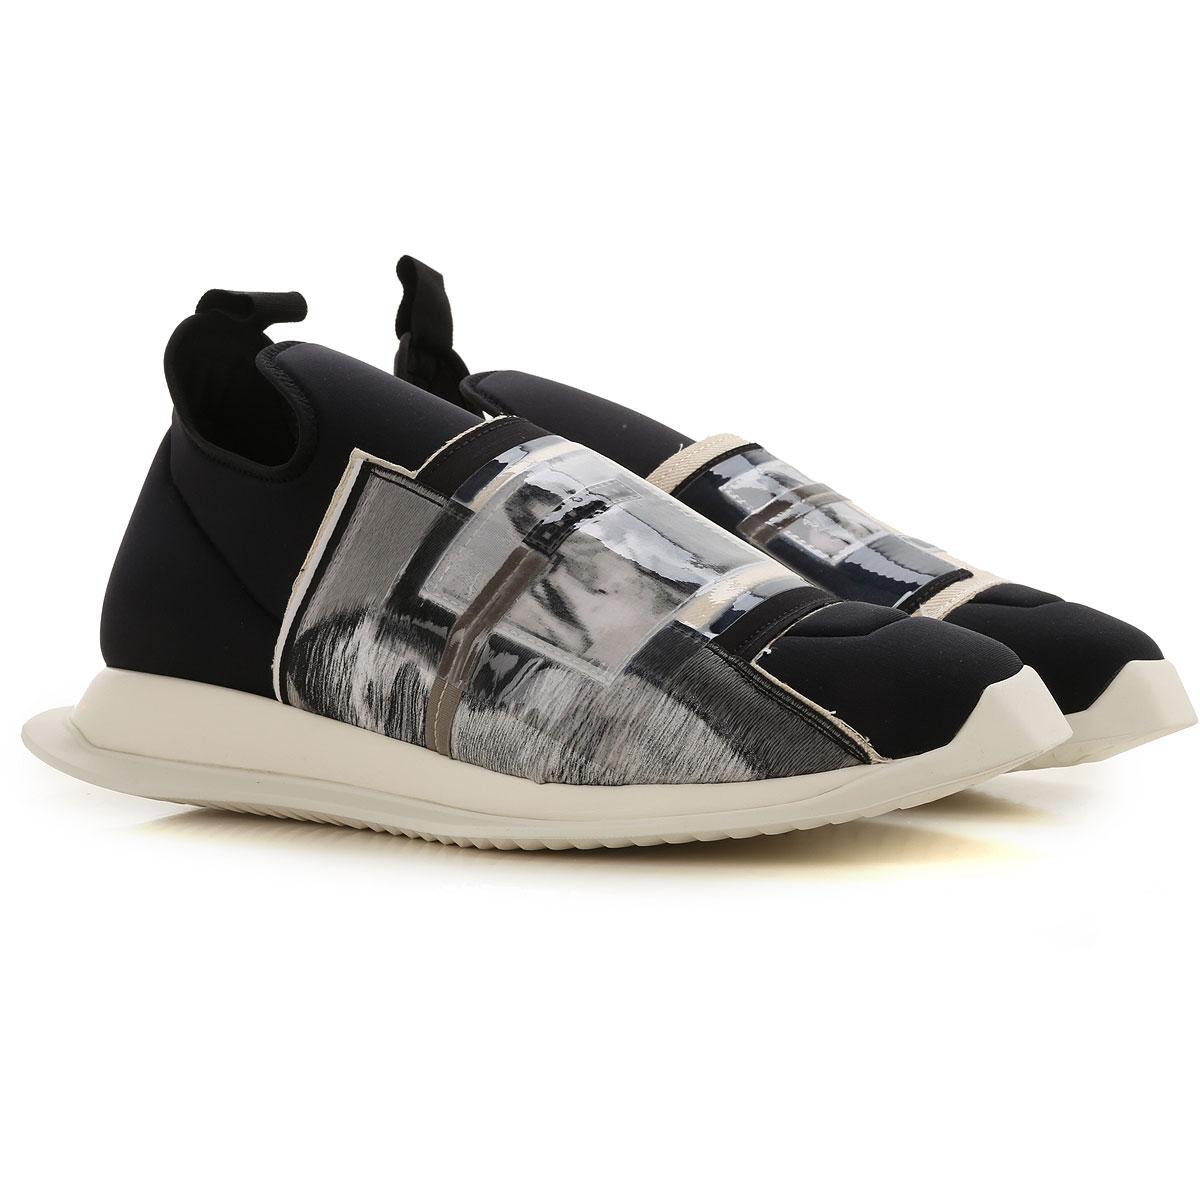 Rick Owens DRKSHDW Slip on Sneakers for Men On Sale, Black, Neoprene, 2019, 10 7.5 7.75 8 8.5 9 9.5